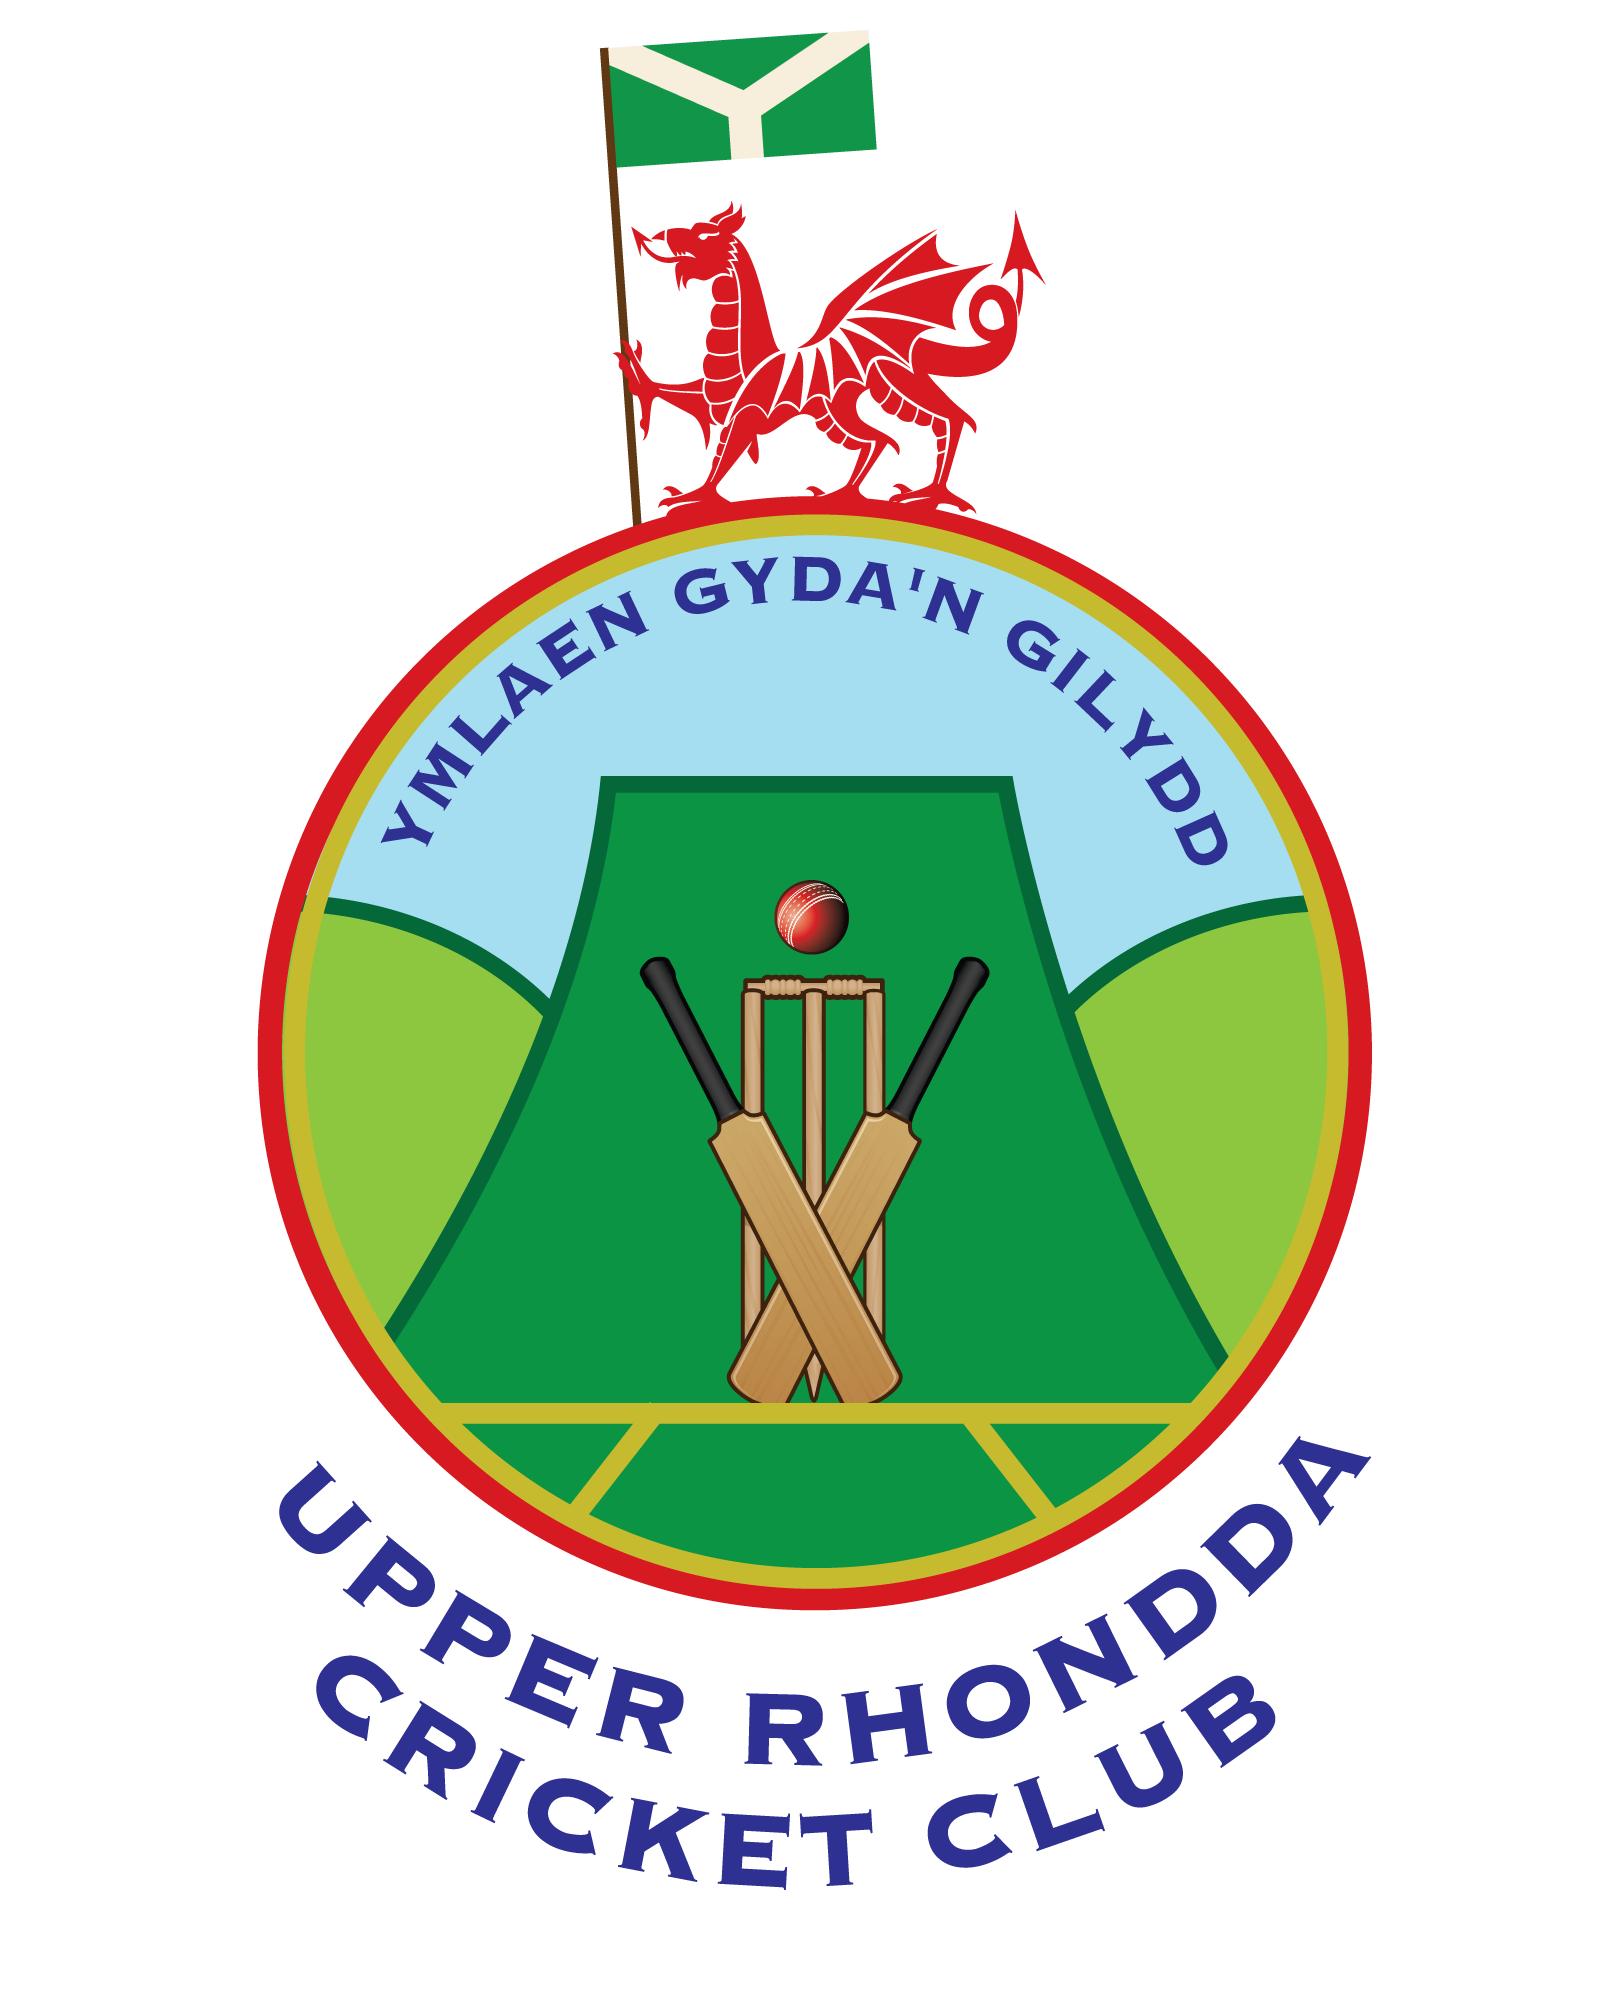 Upper Rhondda CC